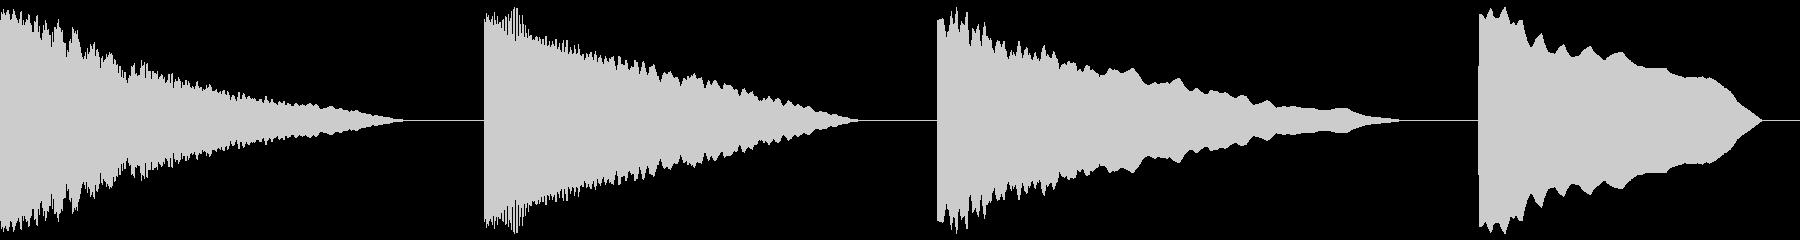 シグナルダウン、4バージョン、シグ...の未再生の波形